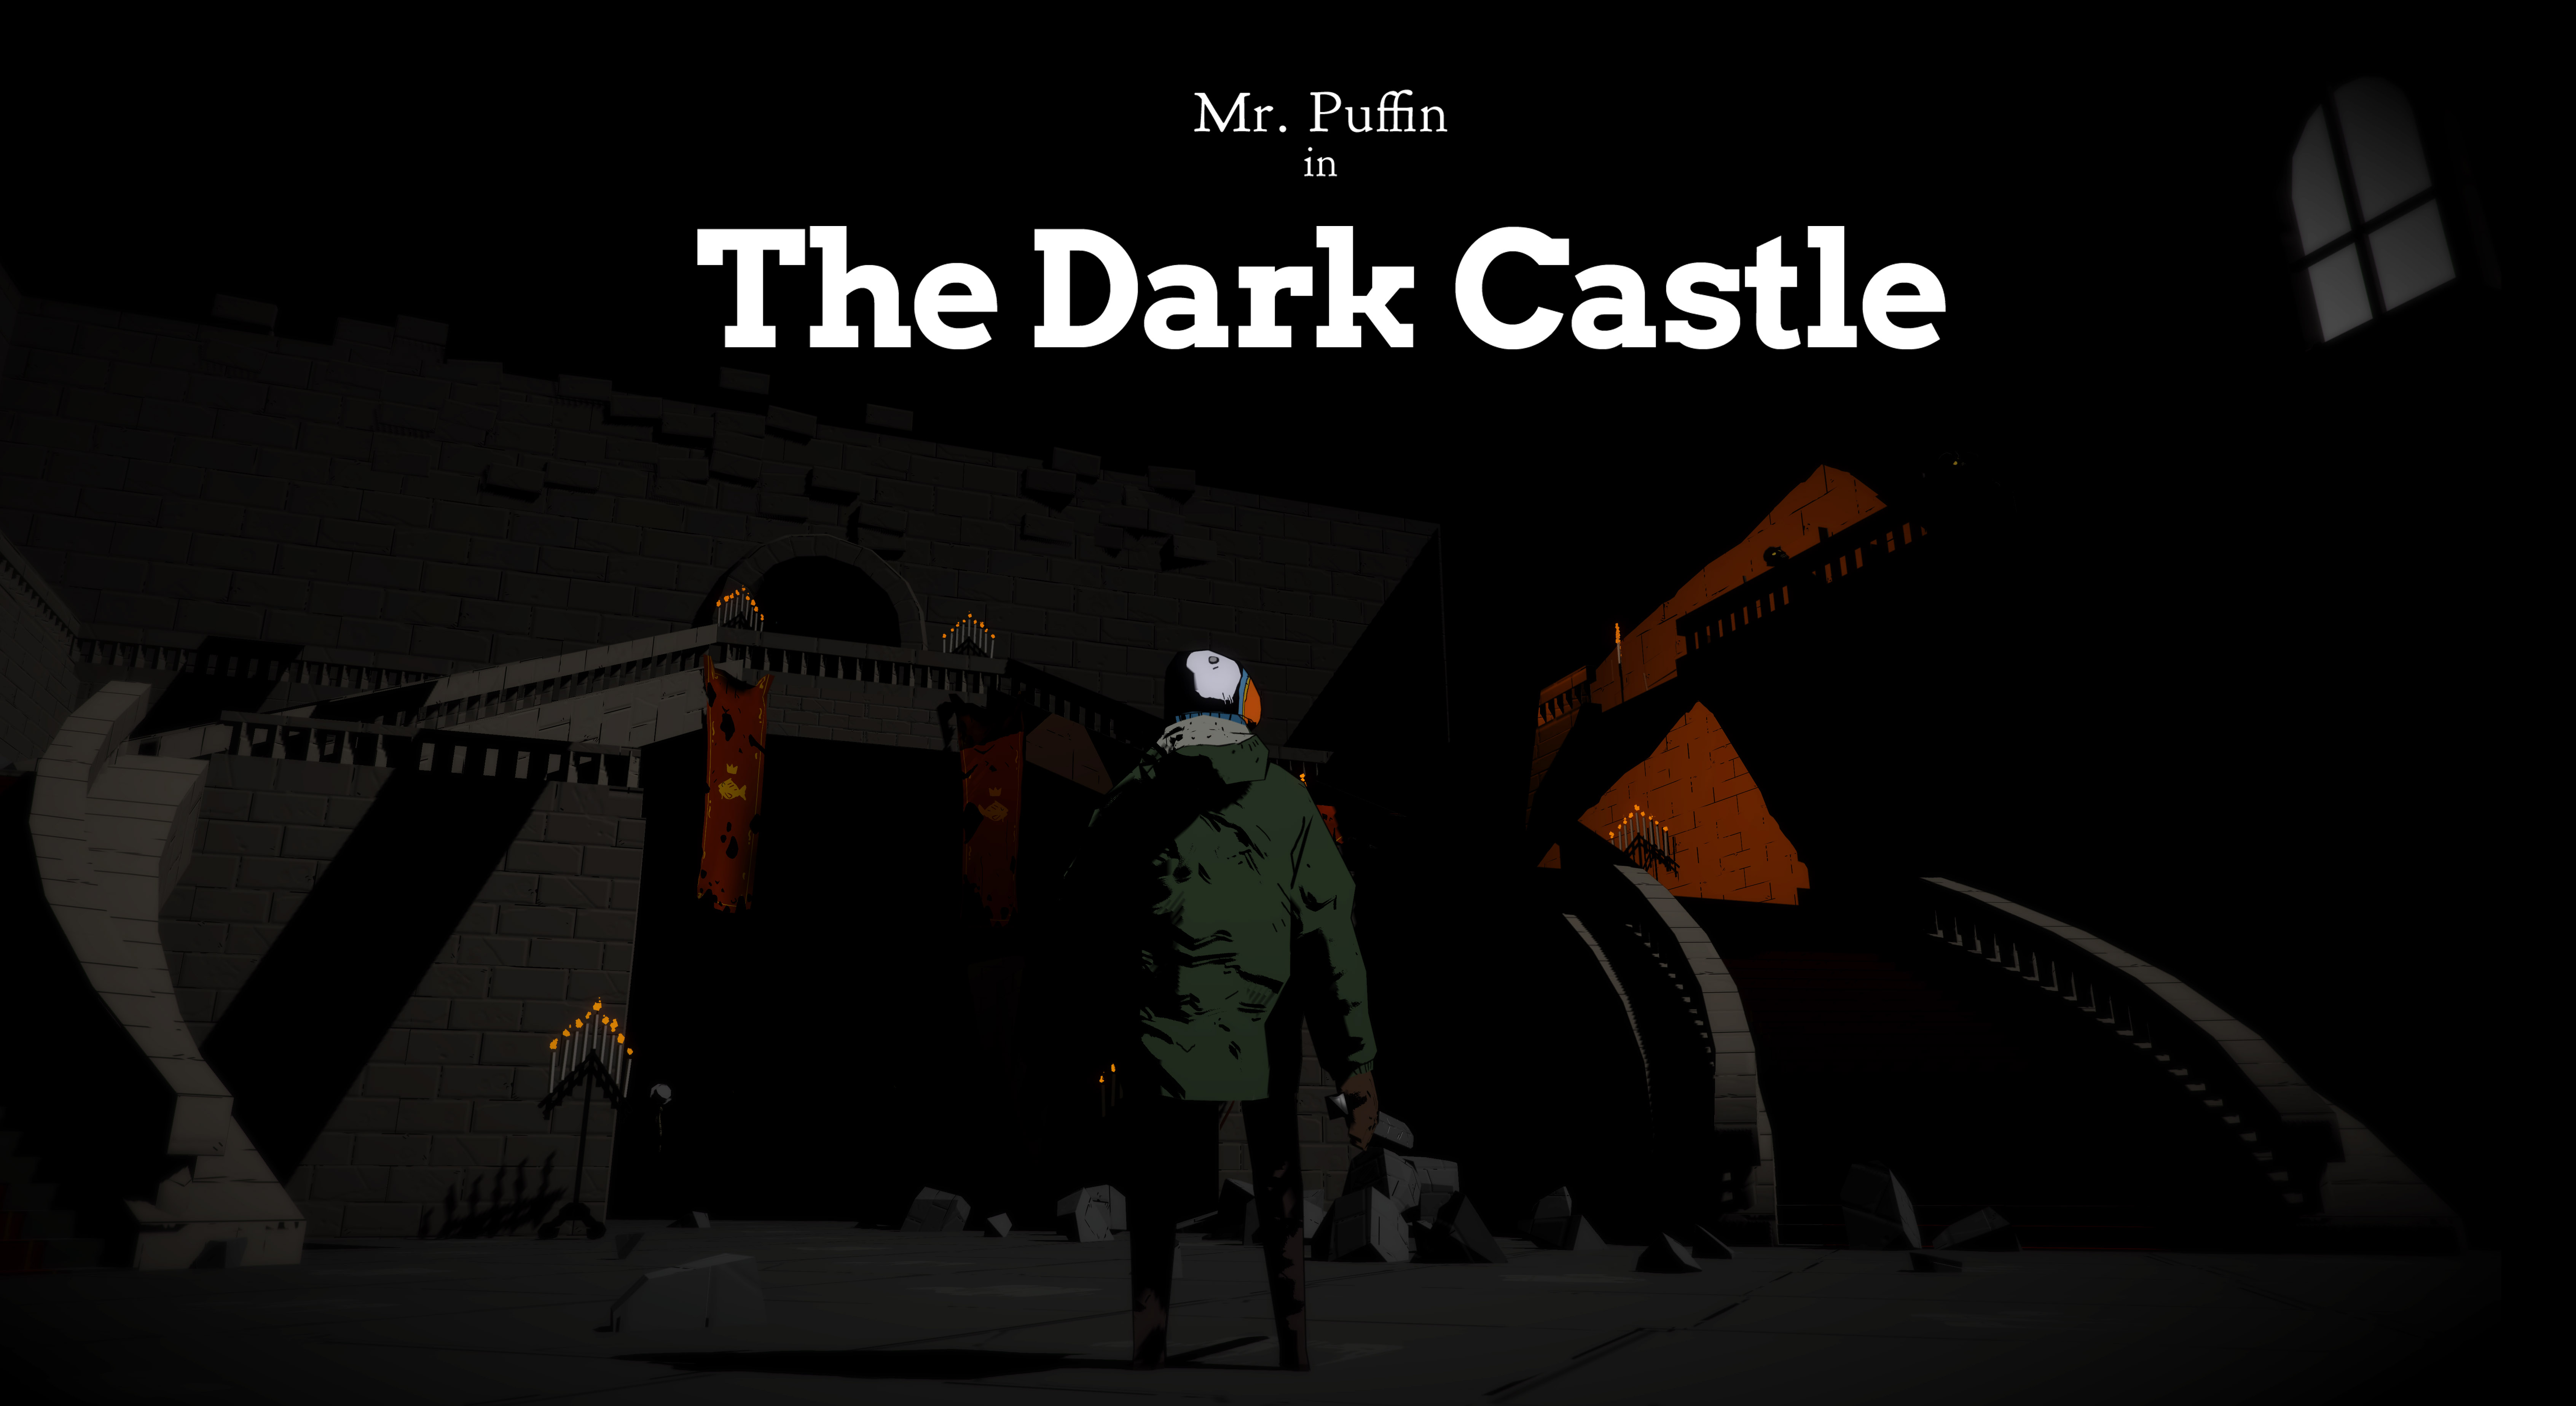 Mr. Puffin in The Dark Castle